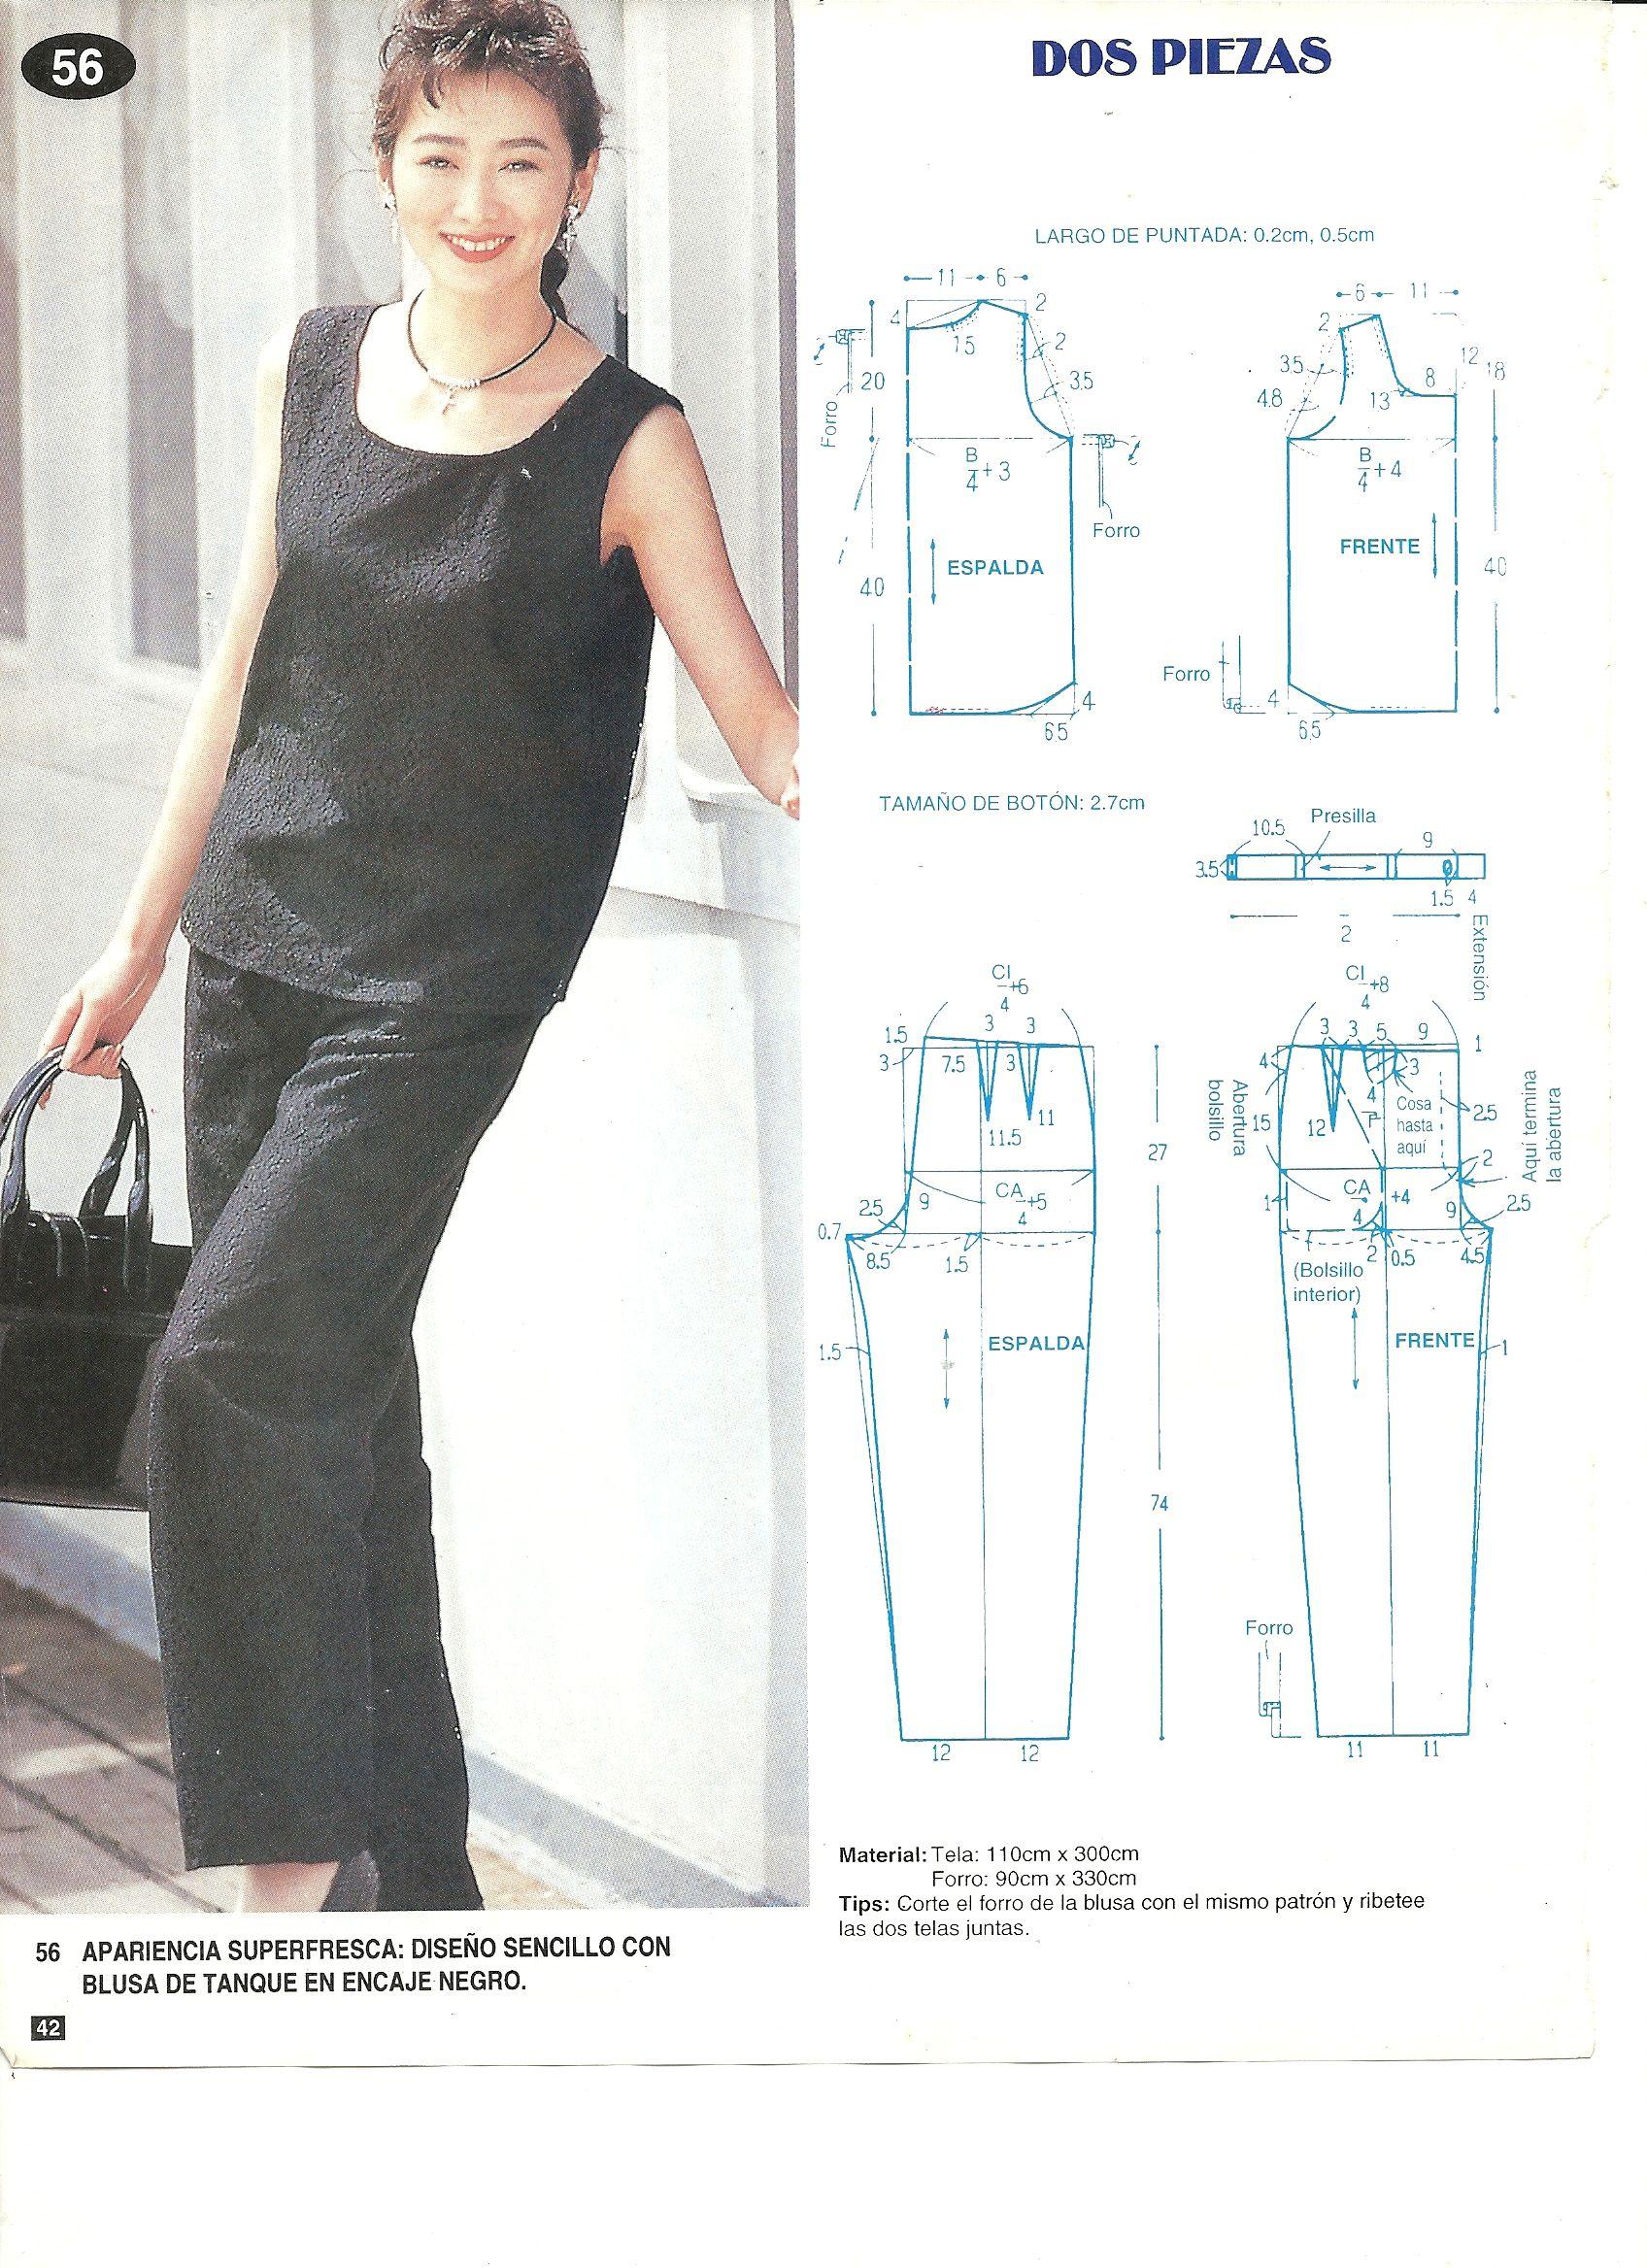 Pin de MI KYUNG AHN en 패턴 | Pinterest | Patrones, Costura y El ...